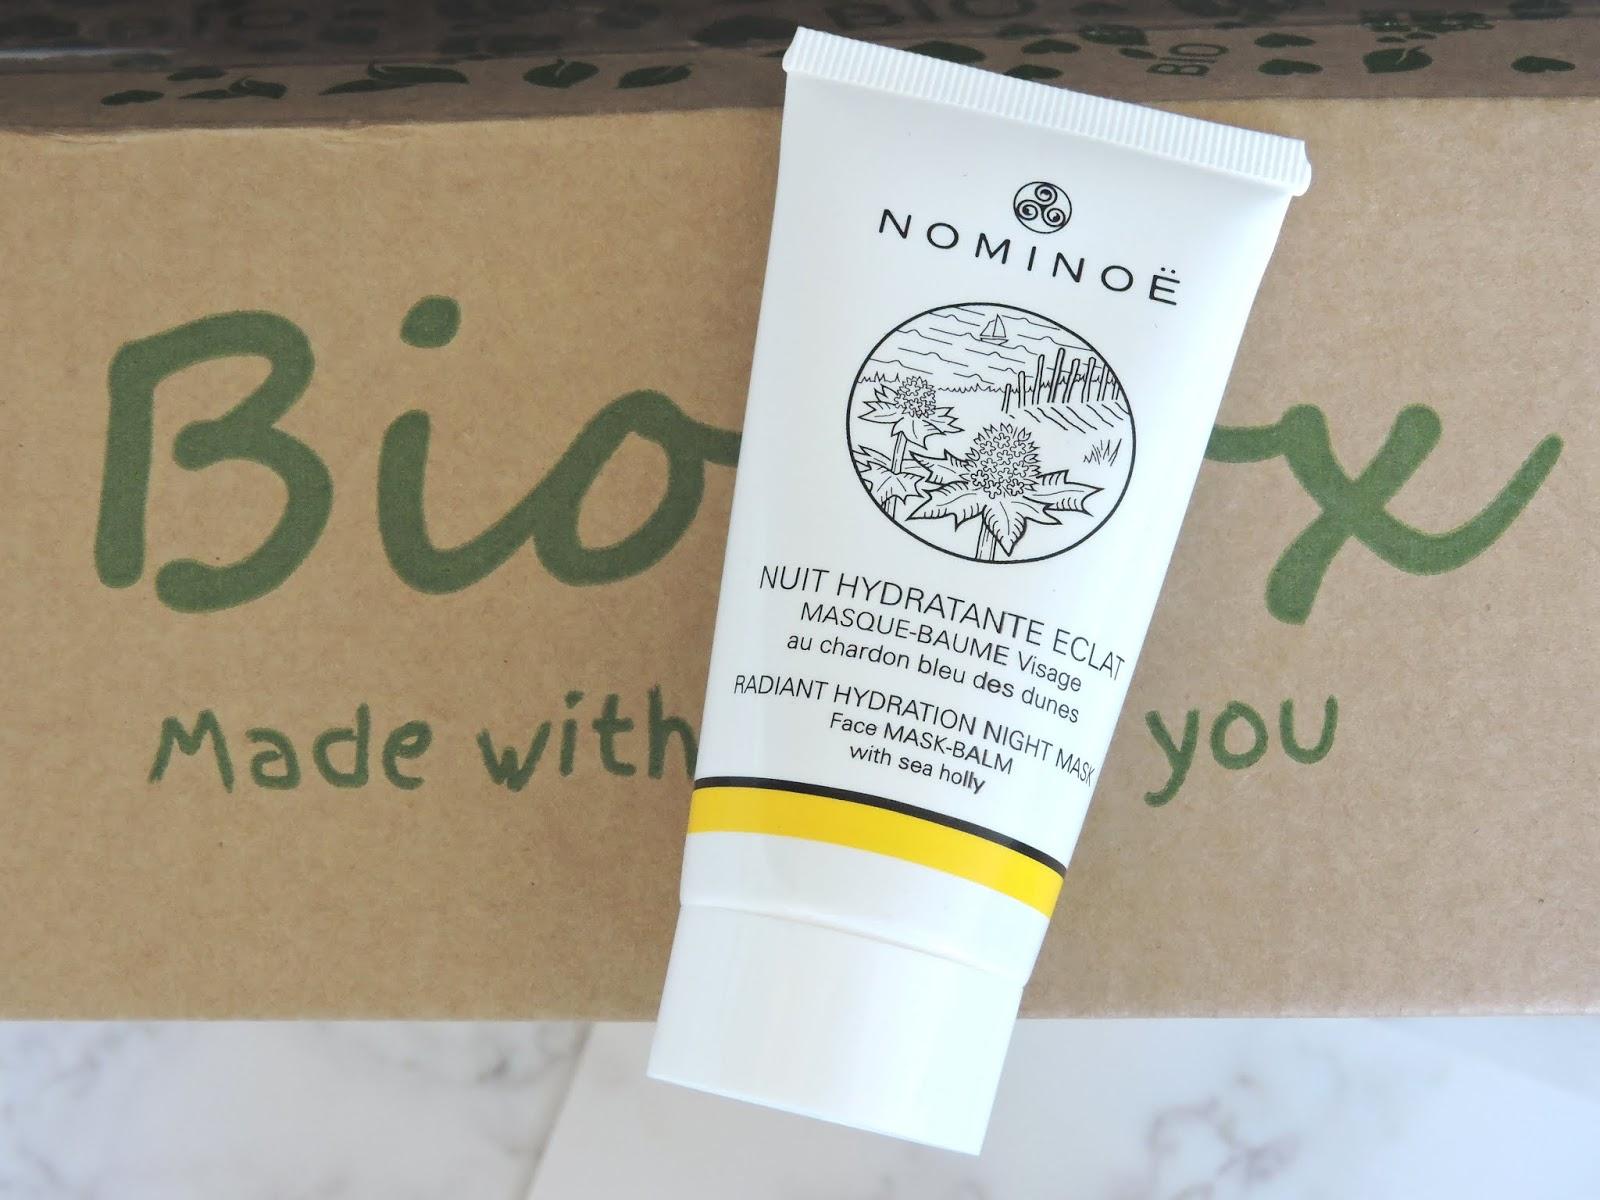 nuit hydratante éclat nominoë biobox suisse